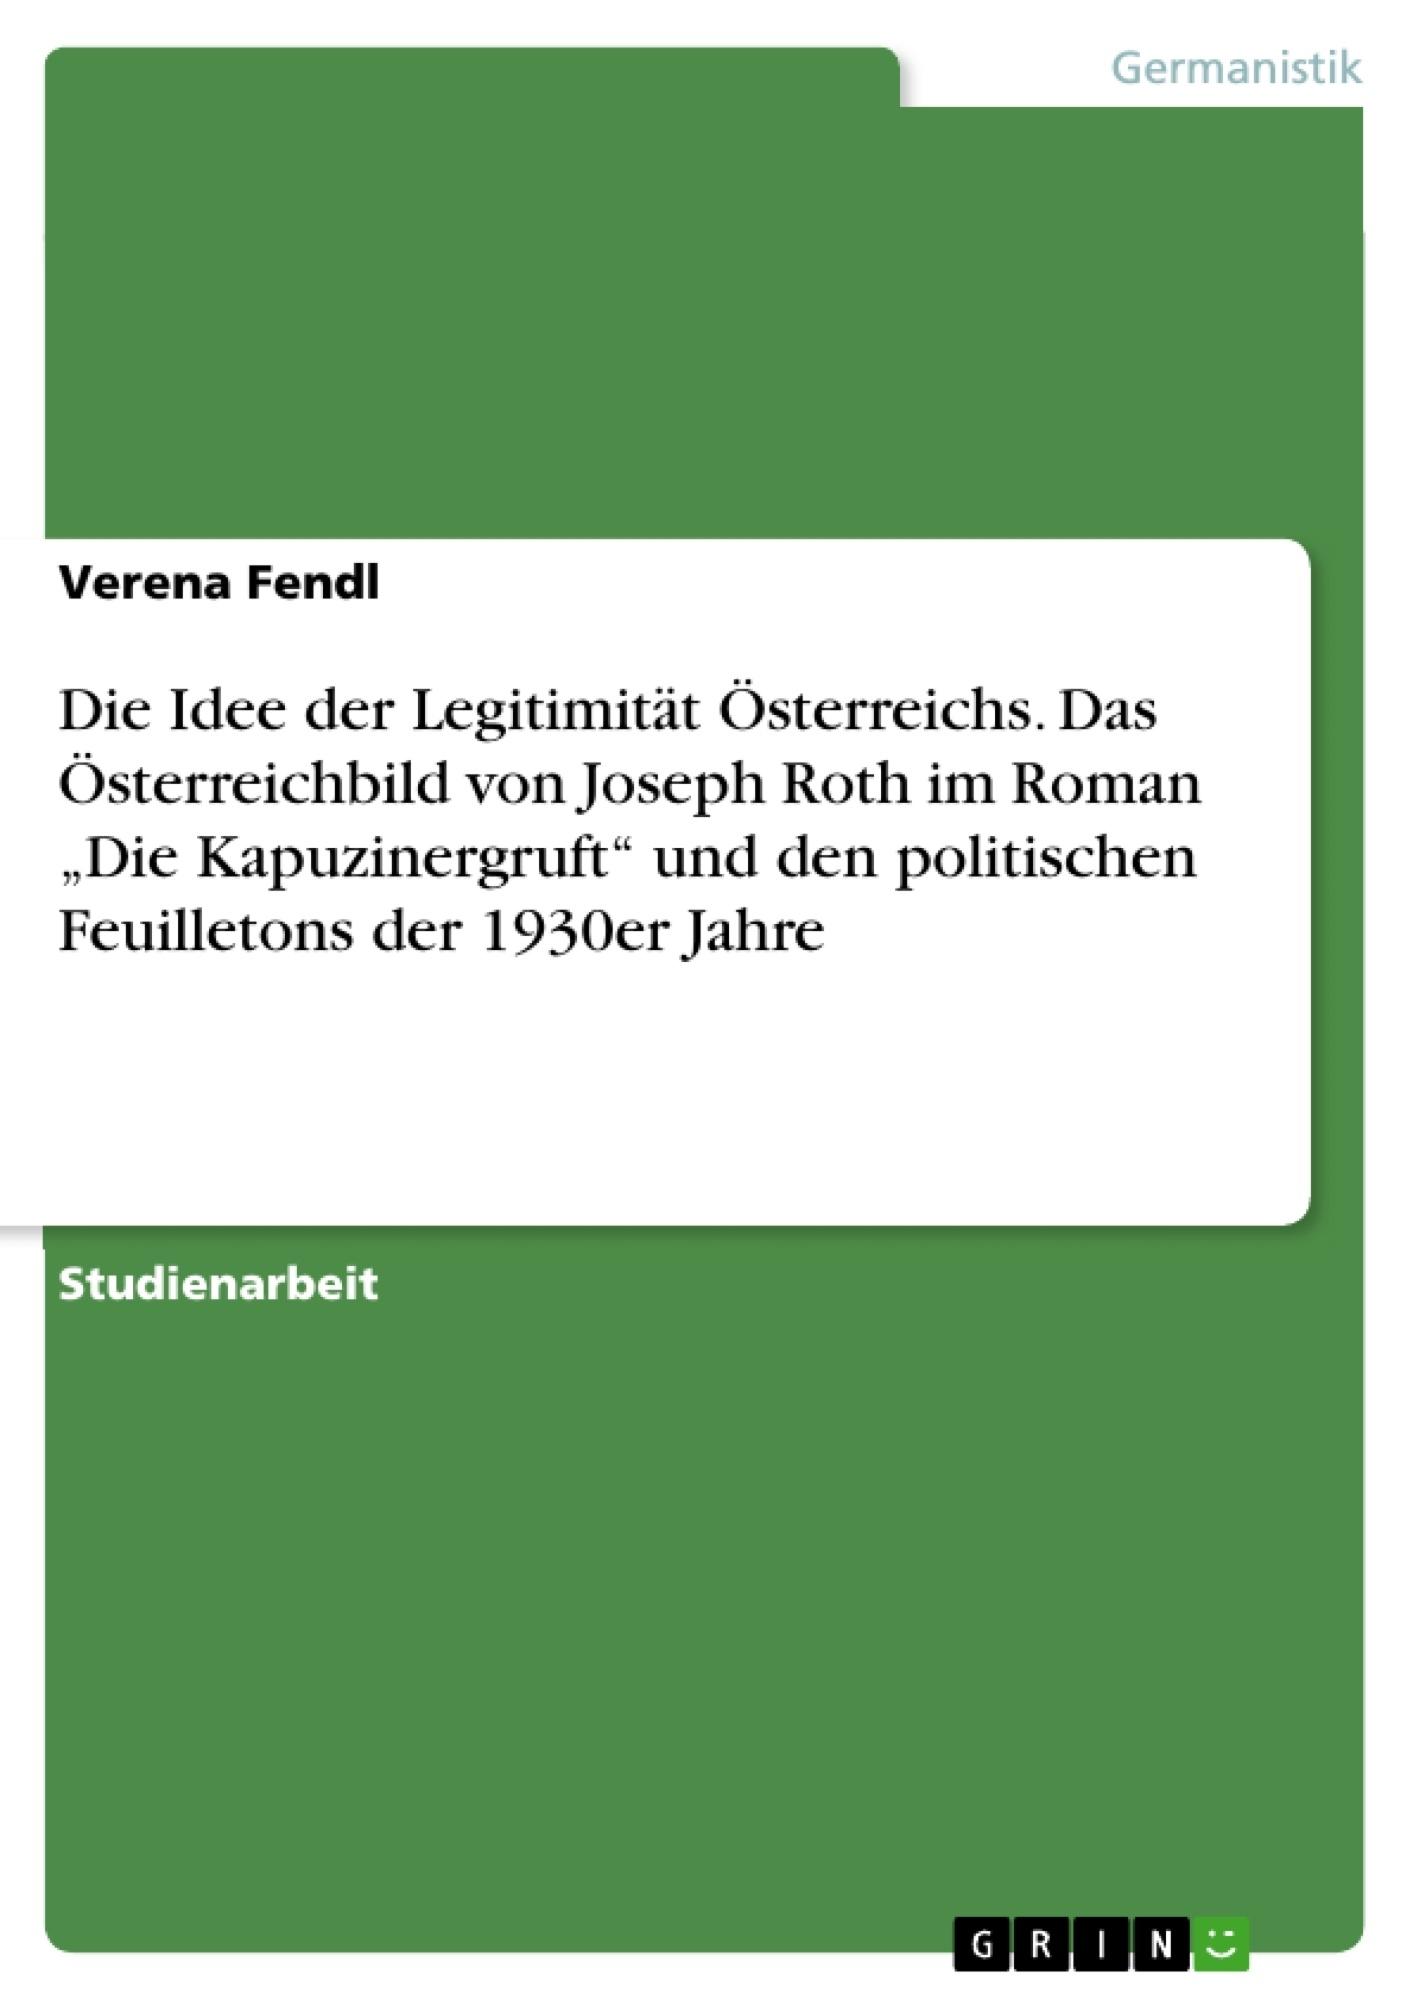 """Titel: Die Idee der Legitimität Österreichs. Das Österreichbild von Joseph Roth im Roman """"Die Kapuzinergruft"""" und den politischen Feuilletons der 1930er Jahre"""